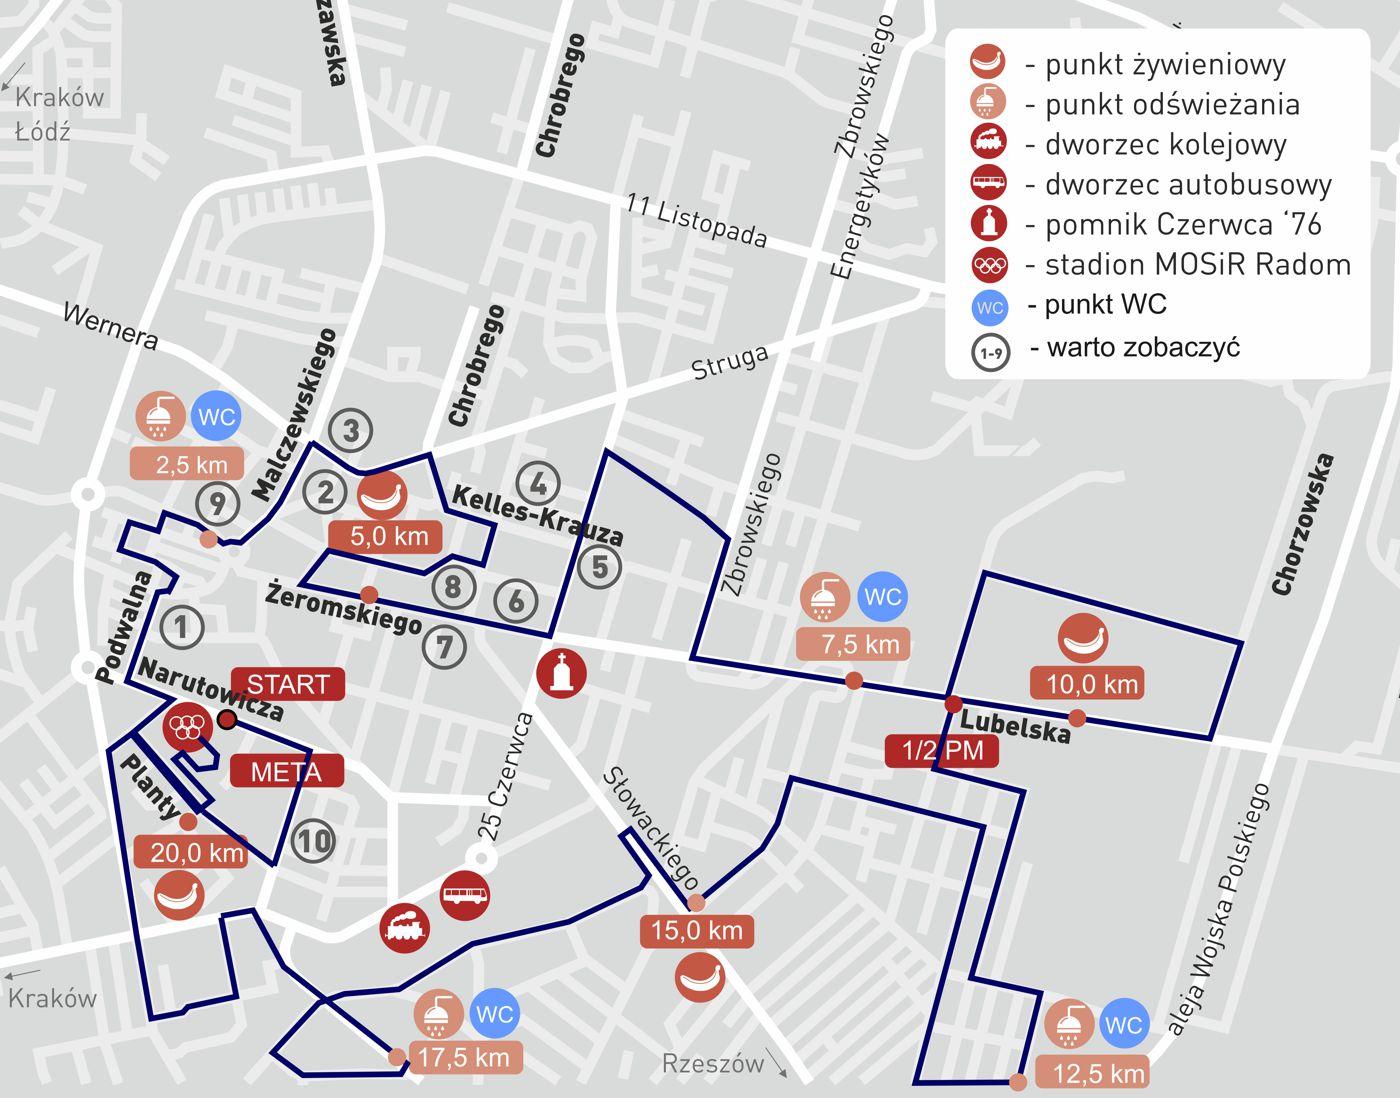 Mapka trasy półmaratonu - edycji 2015